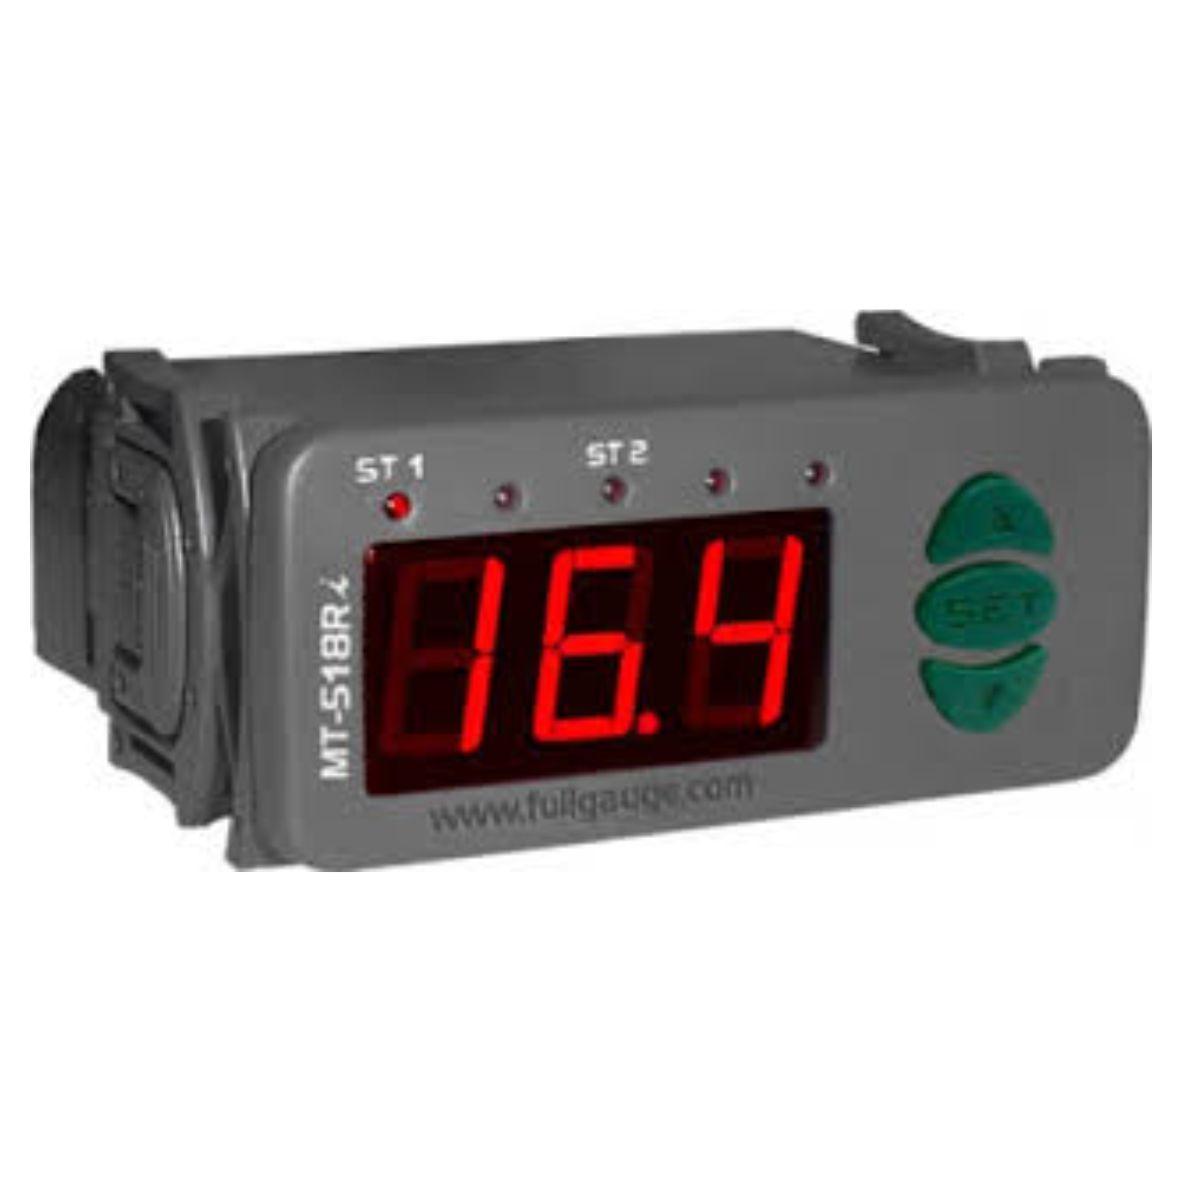 Controlador Full Gauge MT 518Ri 110/220 c/ sensor